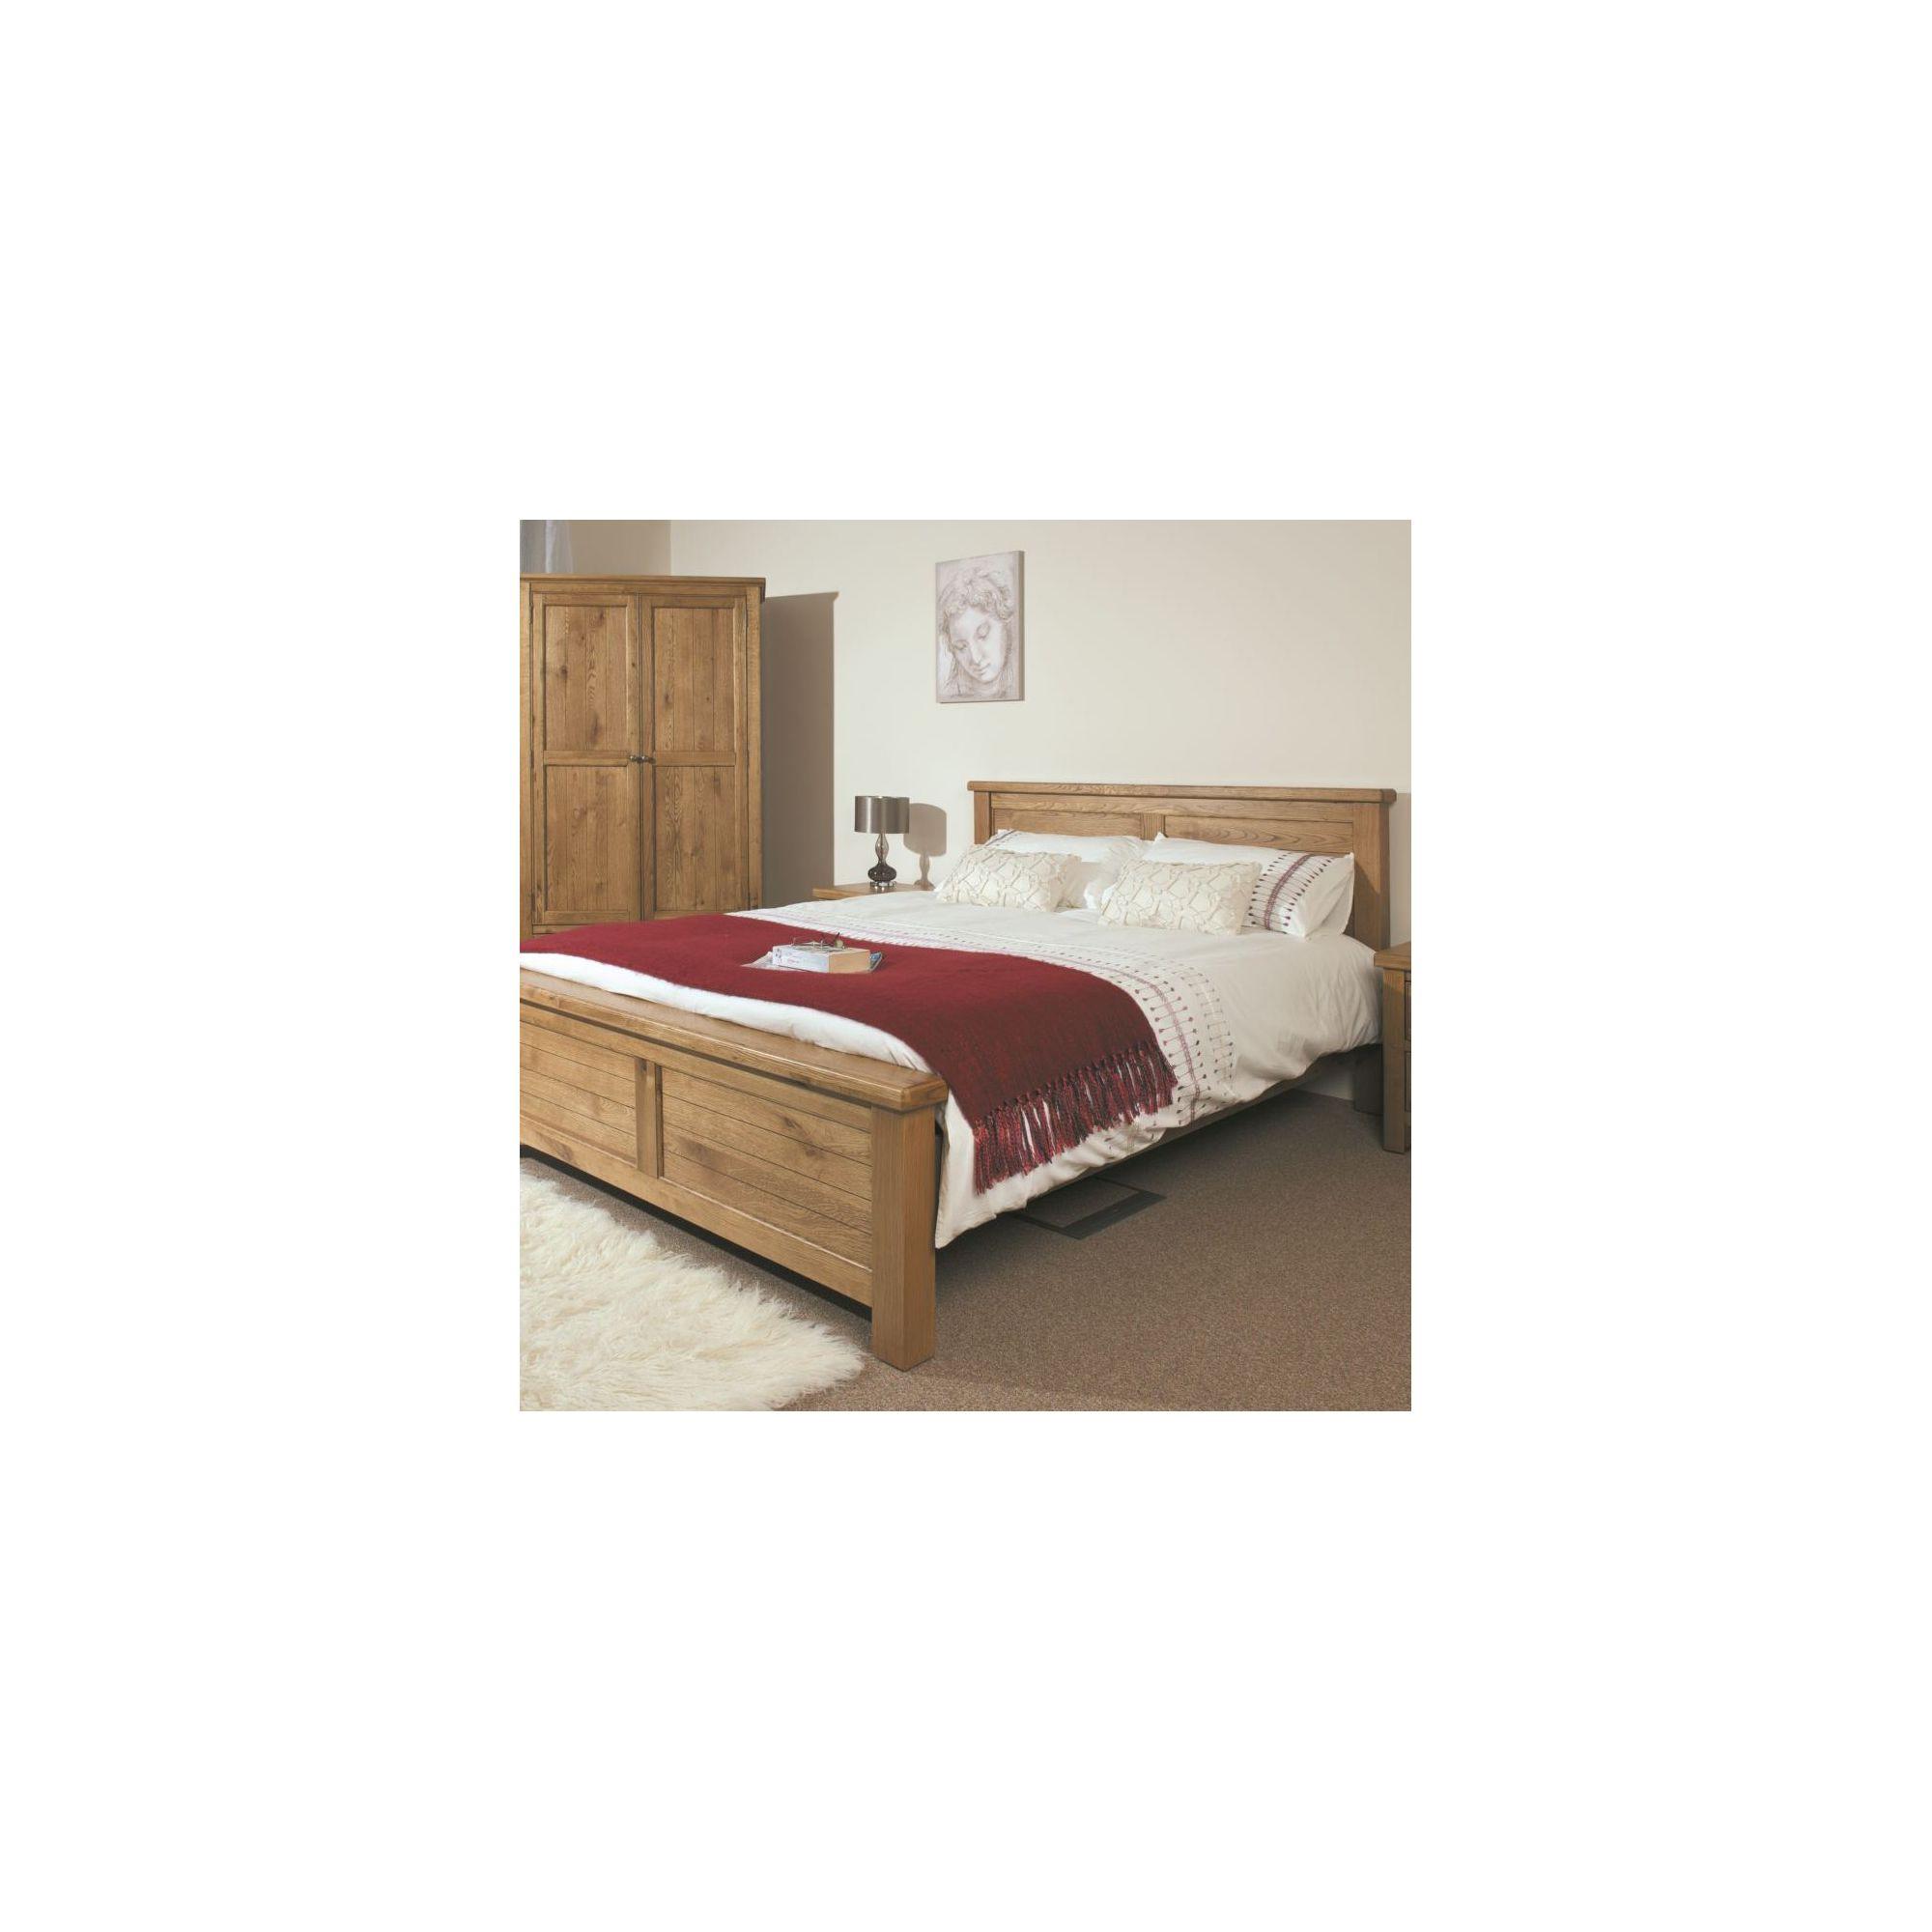 Kelburn Furniture Marino Rustic Oak Bed - King at Tesco Direct